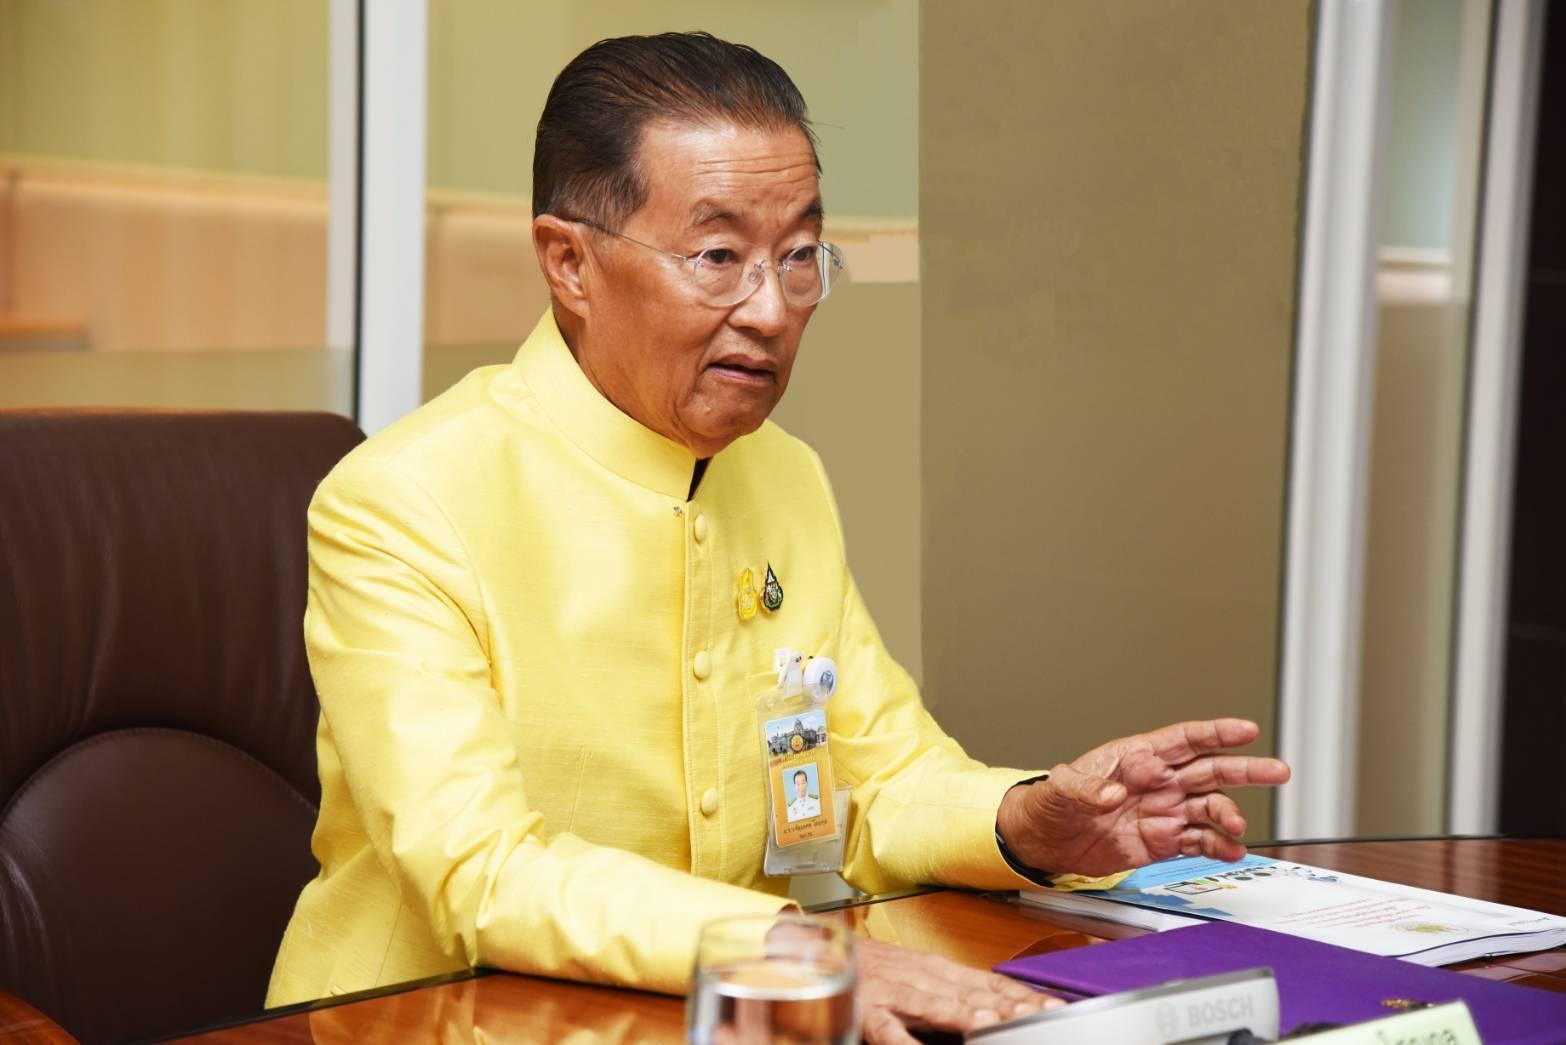 """""""หม่อมเต่า"""" จัดของขวัญปีใหม่แรงงานไทย 5 ชิ้น ทั้งค่าจ้างขั้นต่ำ-เงินกู้-ตรวจสุขภาพ"""